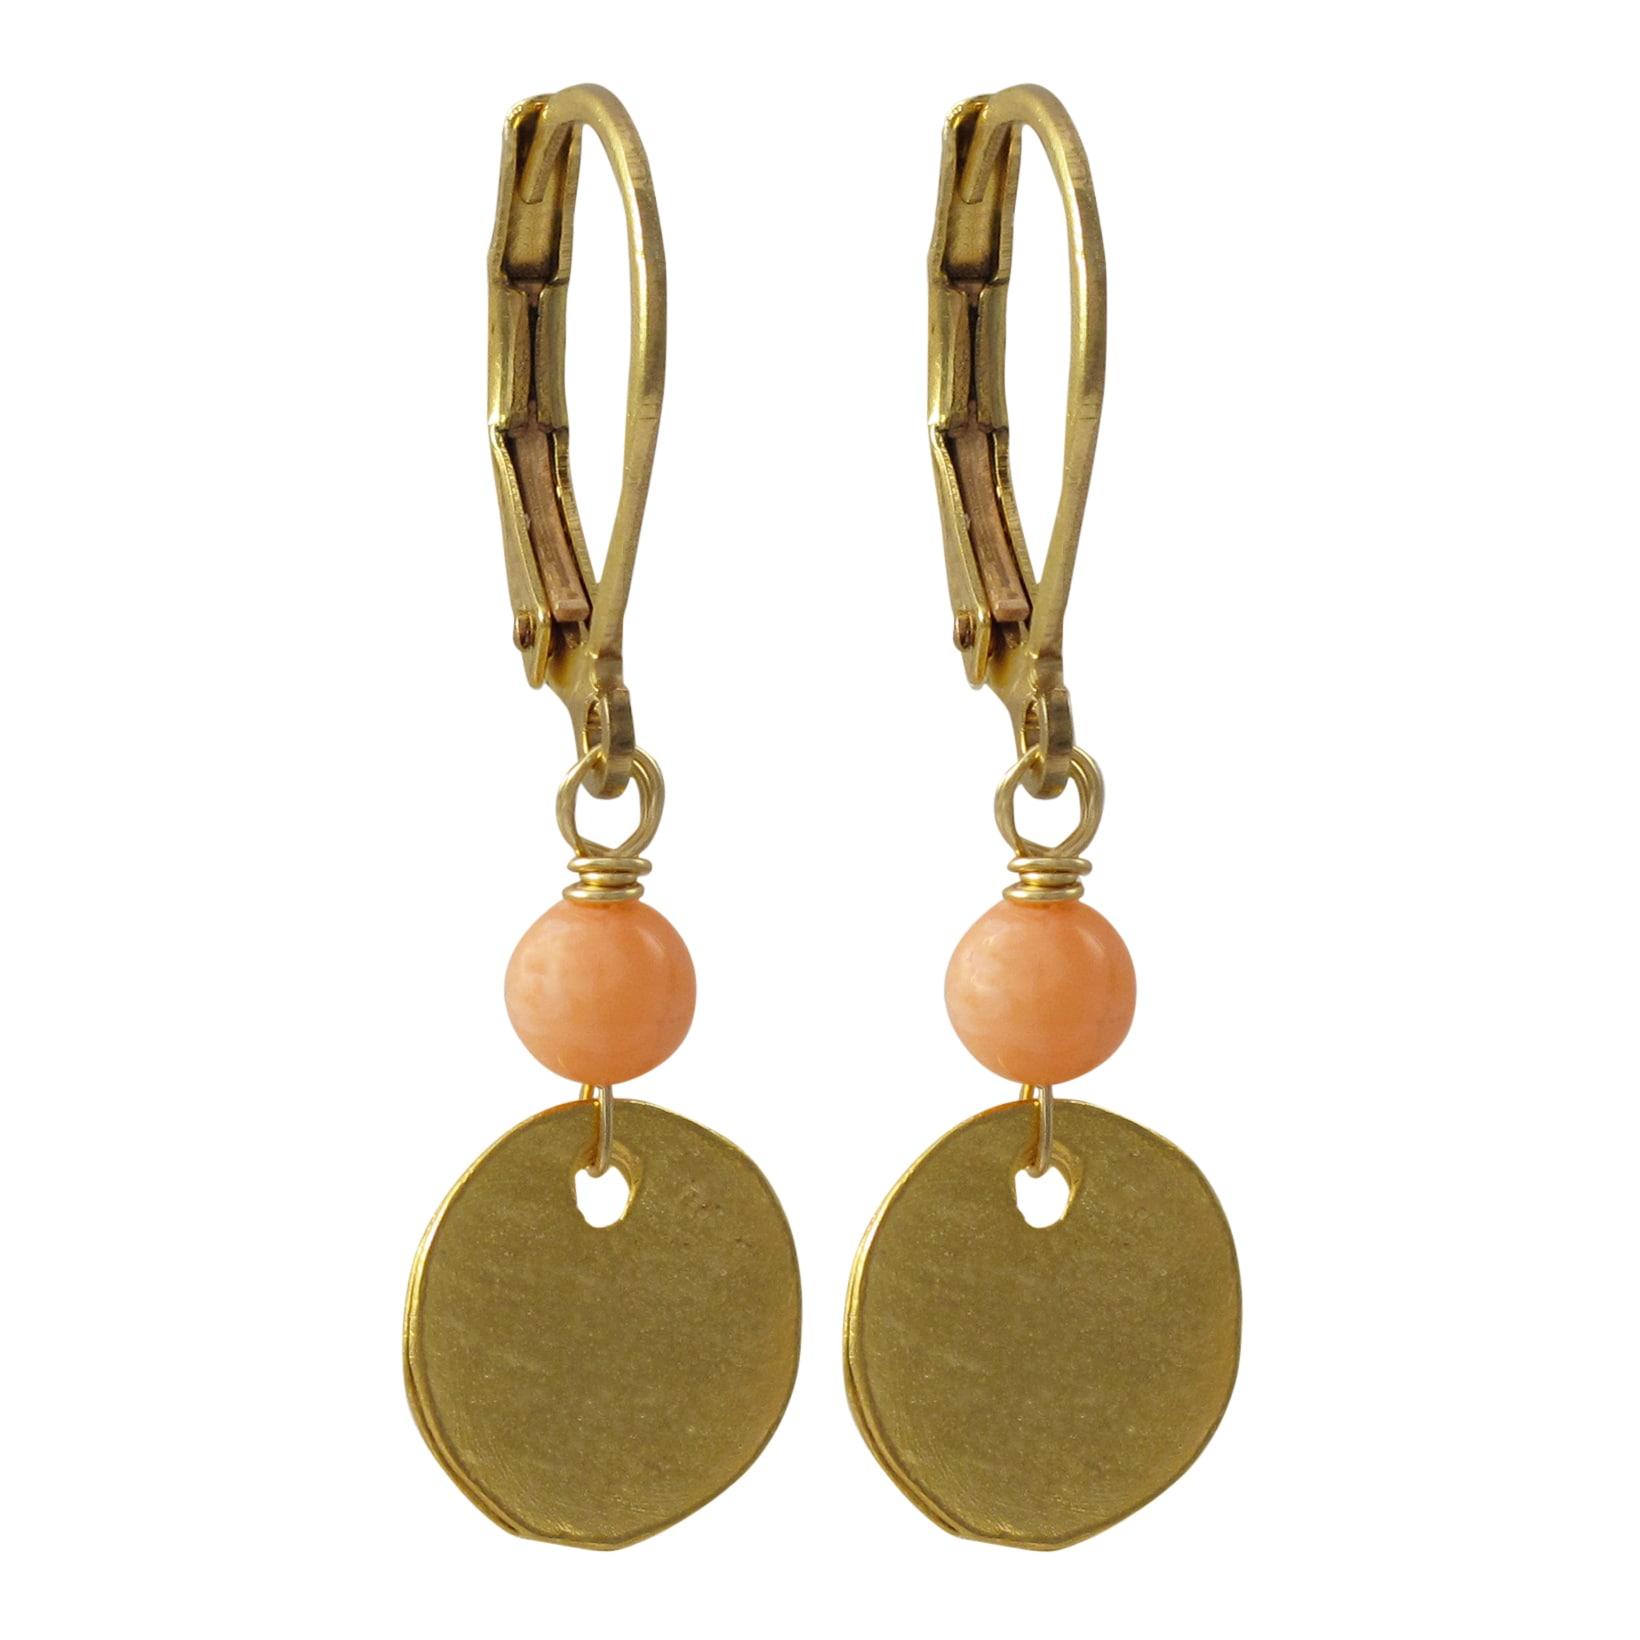 Luxiro Brushed Gold Finish Semi-precious Gemstone Disc Da...